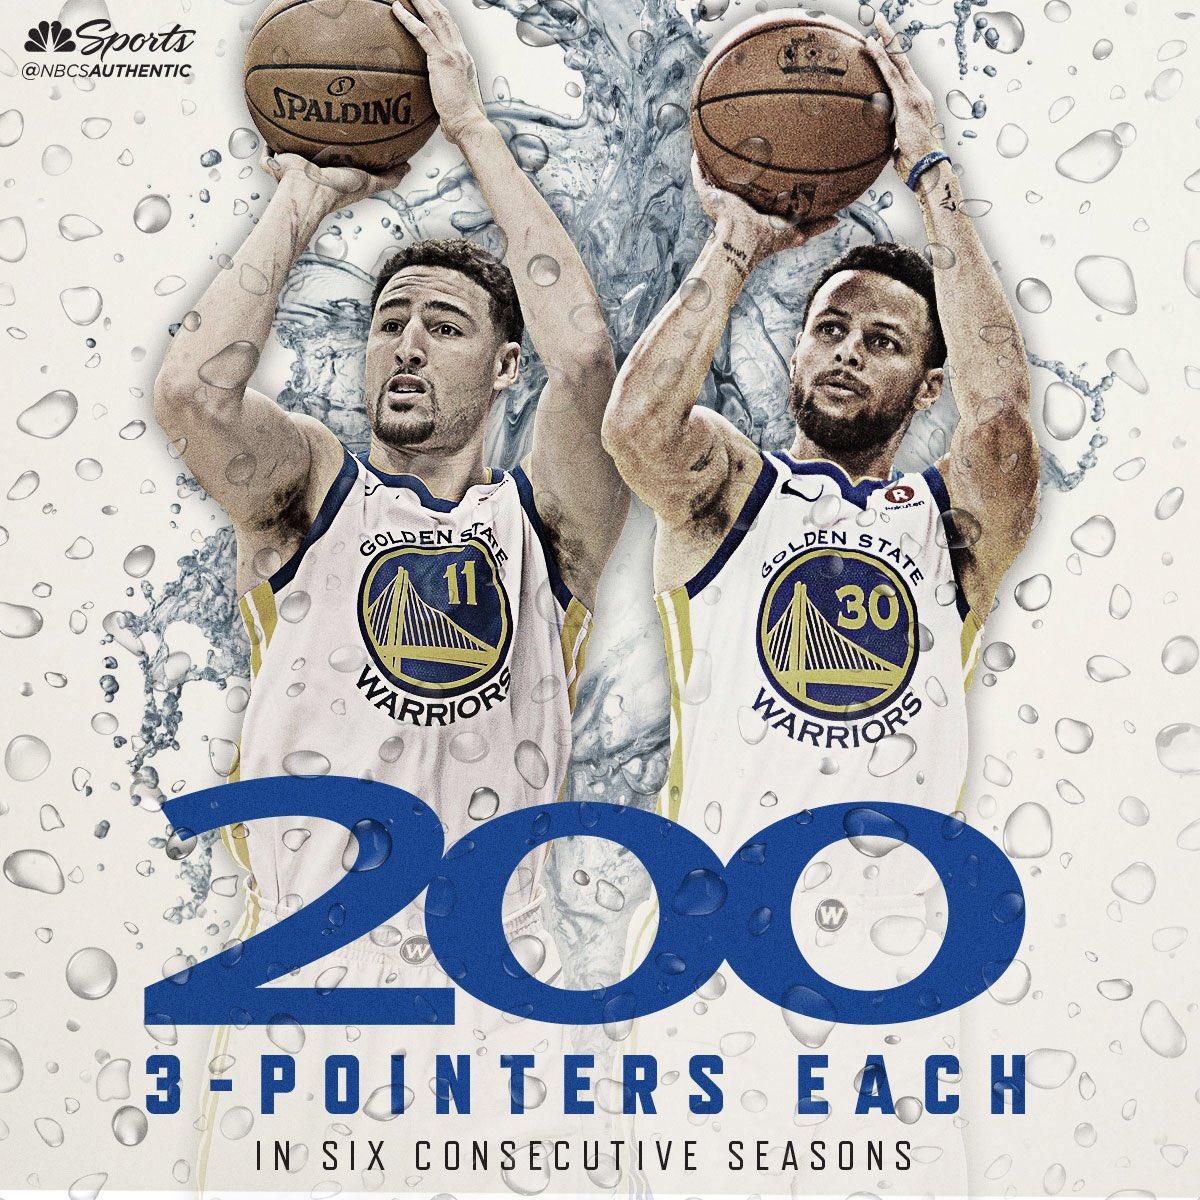 库里和汤普森连续6个赛季命中至少200三分